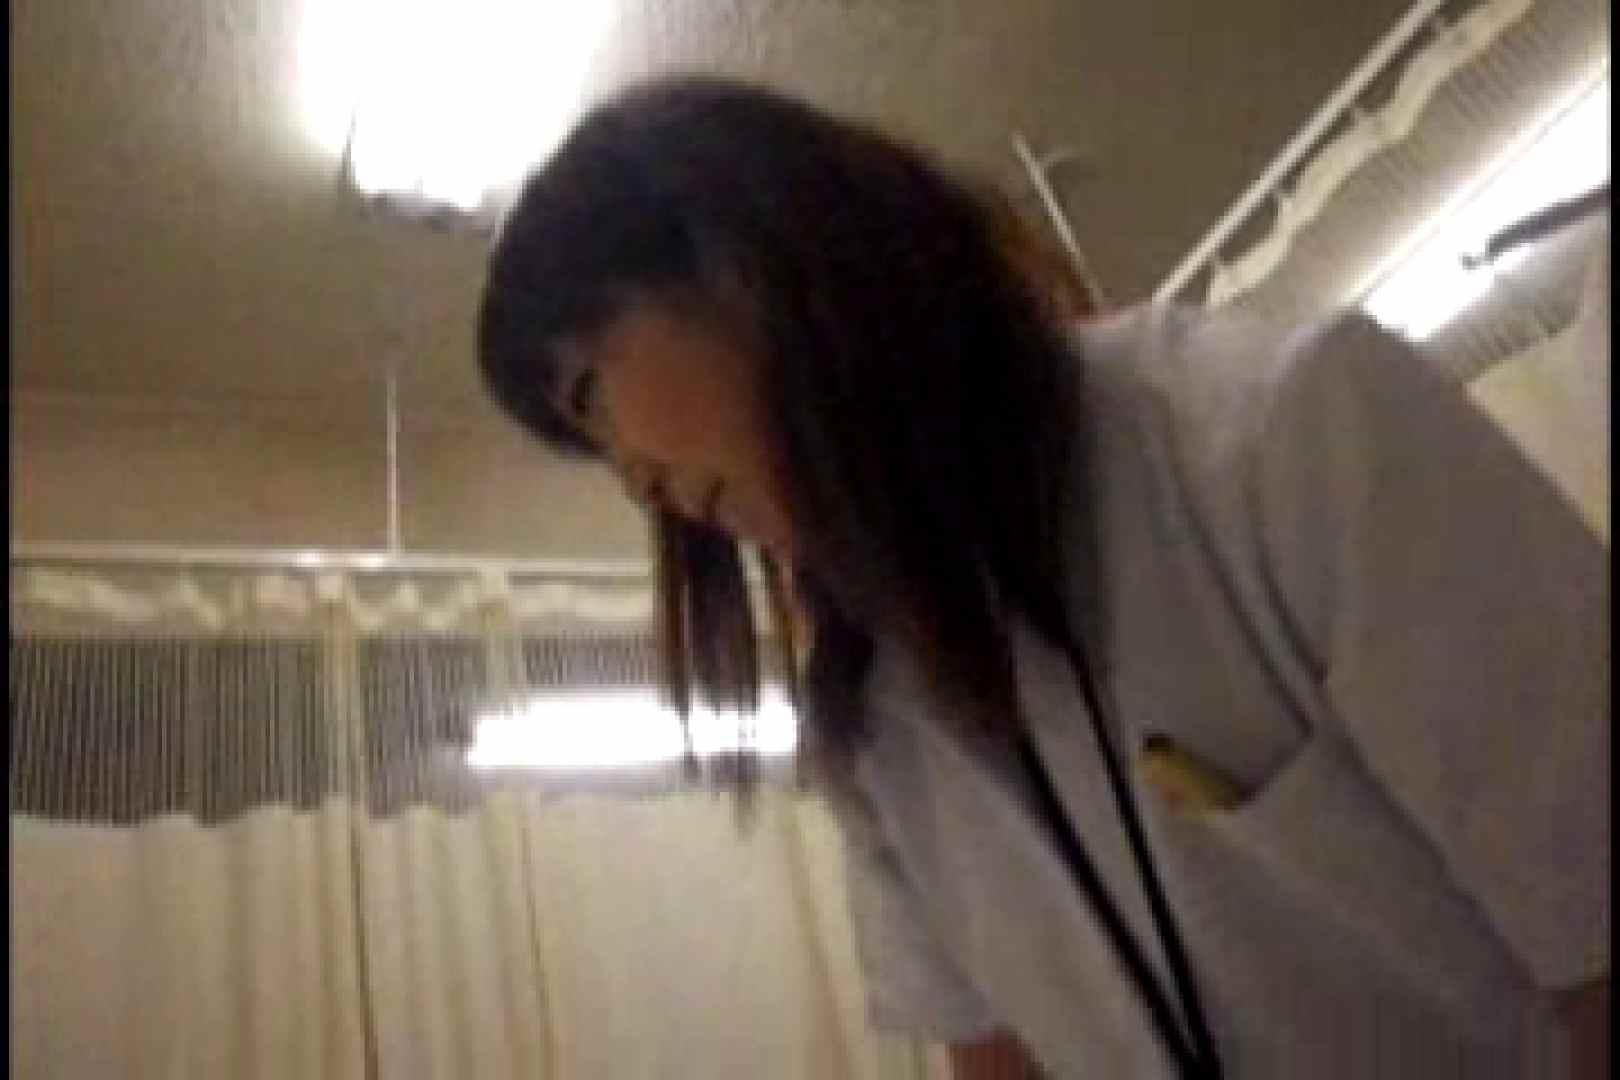 ヤリマンと呼ばれた看護士さんvol1 OLのエッチ  112pic 33